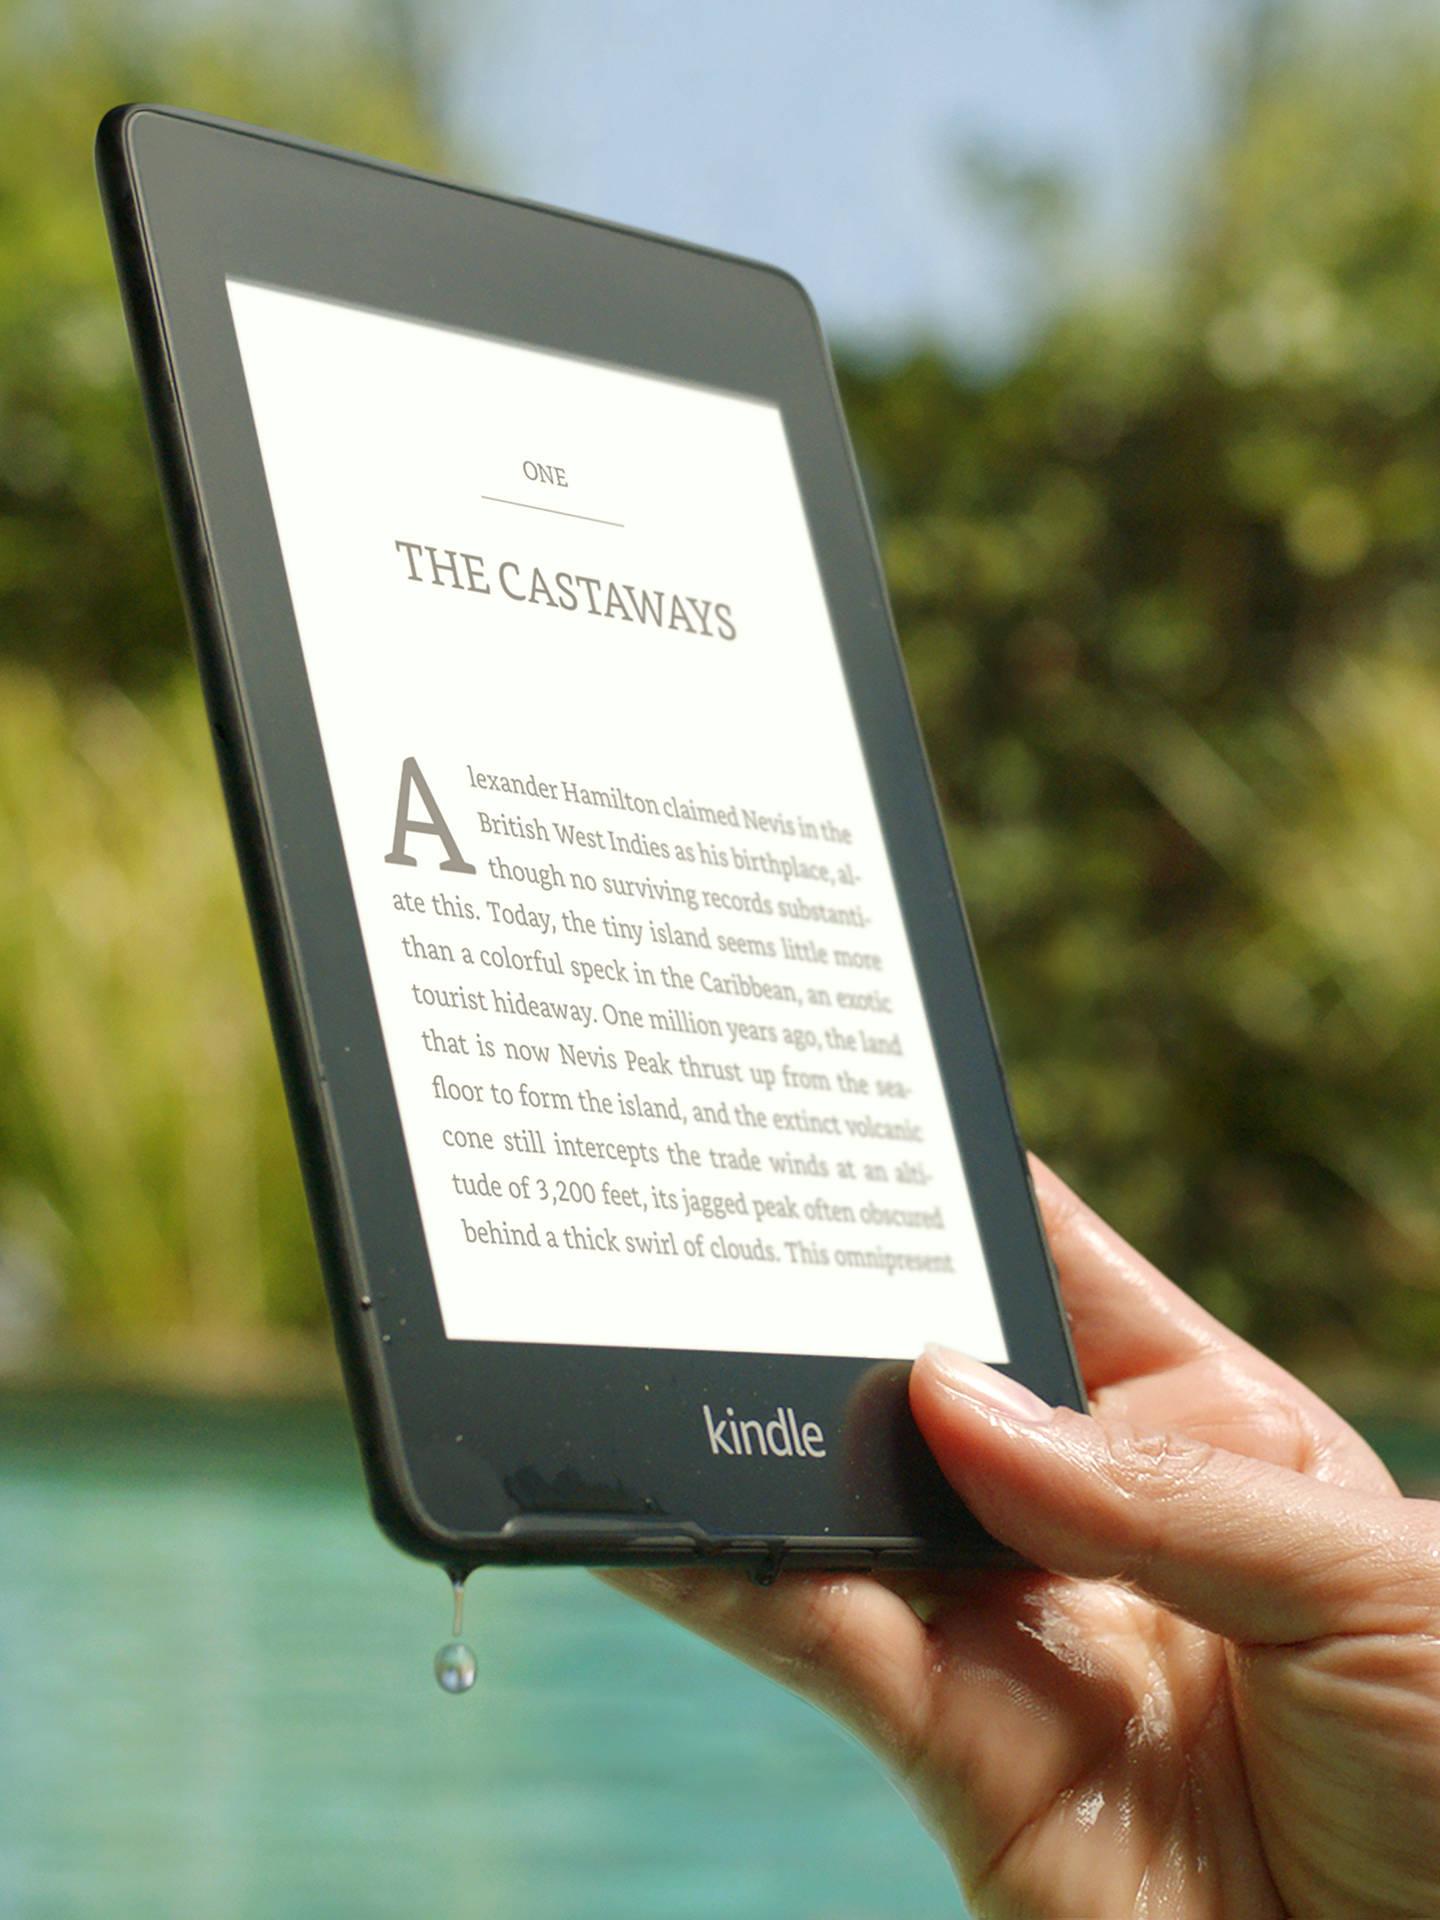 приметы картинки фото электронных книг отдыха, которая